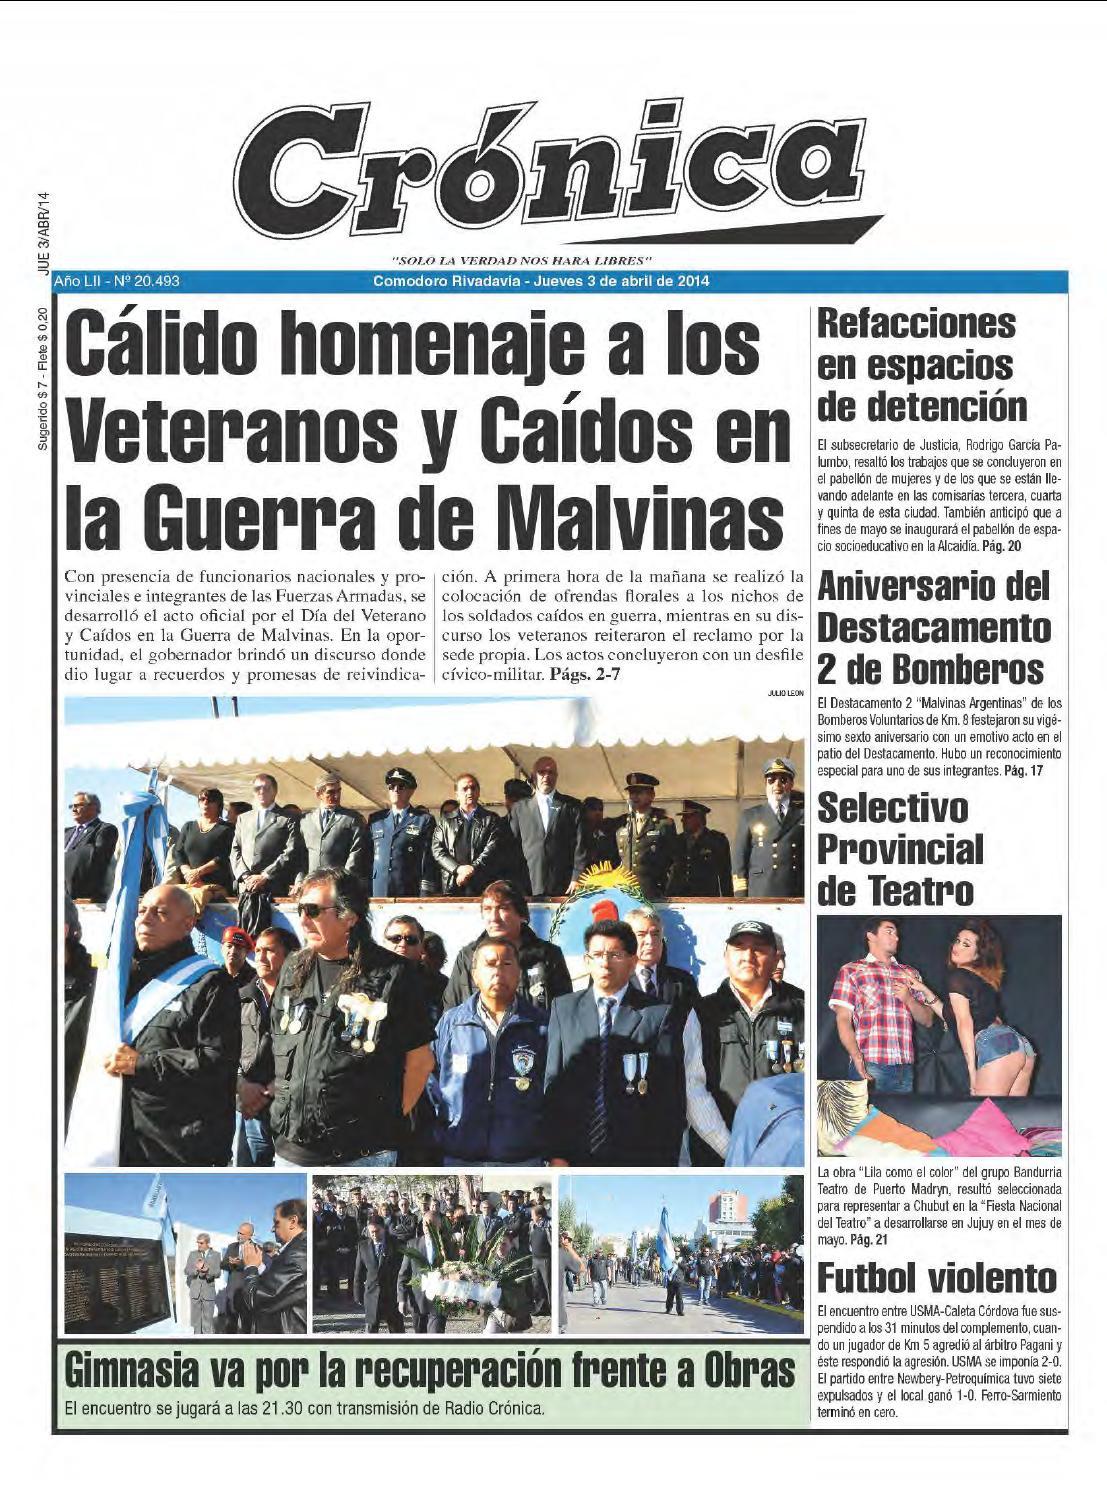 new concept 022cd b1857 D3125894c3c4aee0191ae9f6e32bef05 by Diario Crónica - issuu